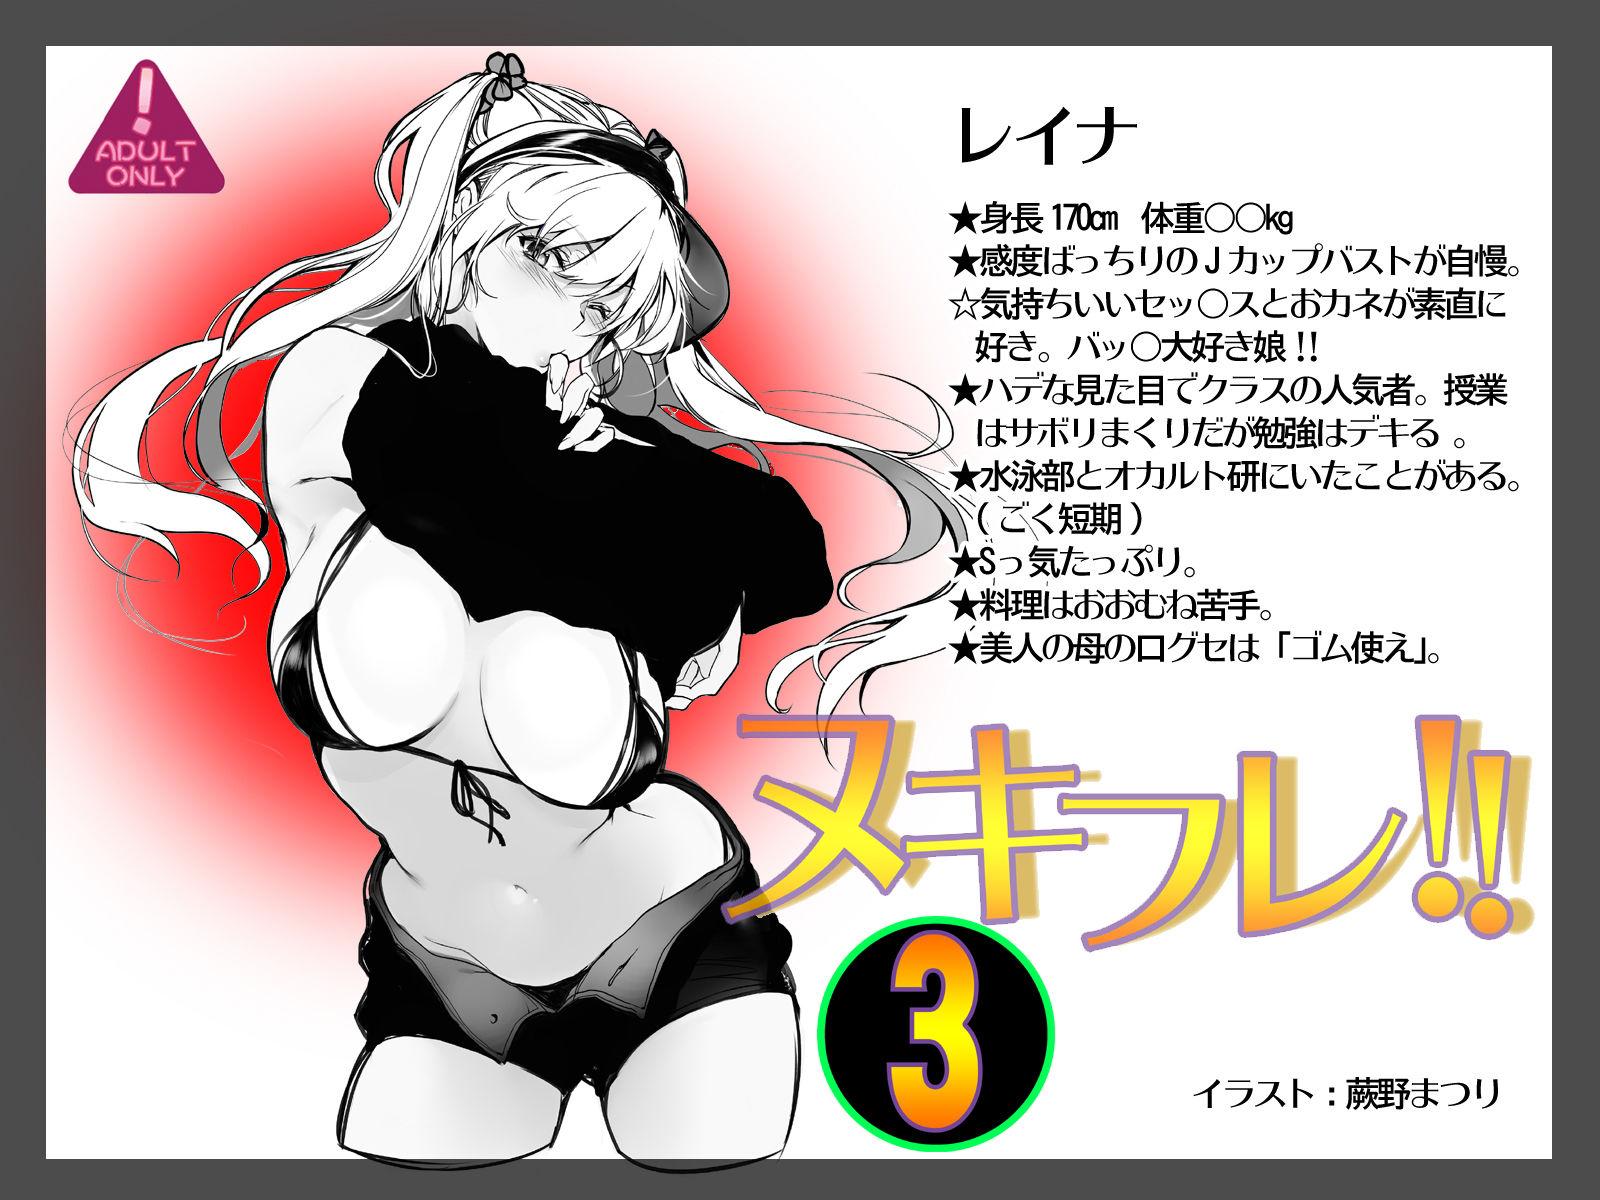 [同人]「ヌキフレ!!3【バイノーラル】」(AXZ)